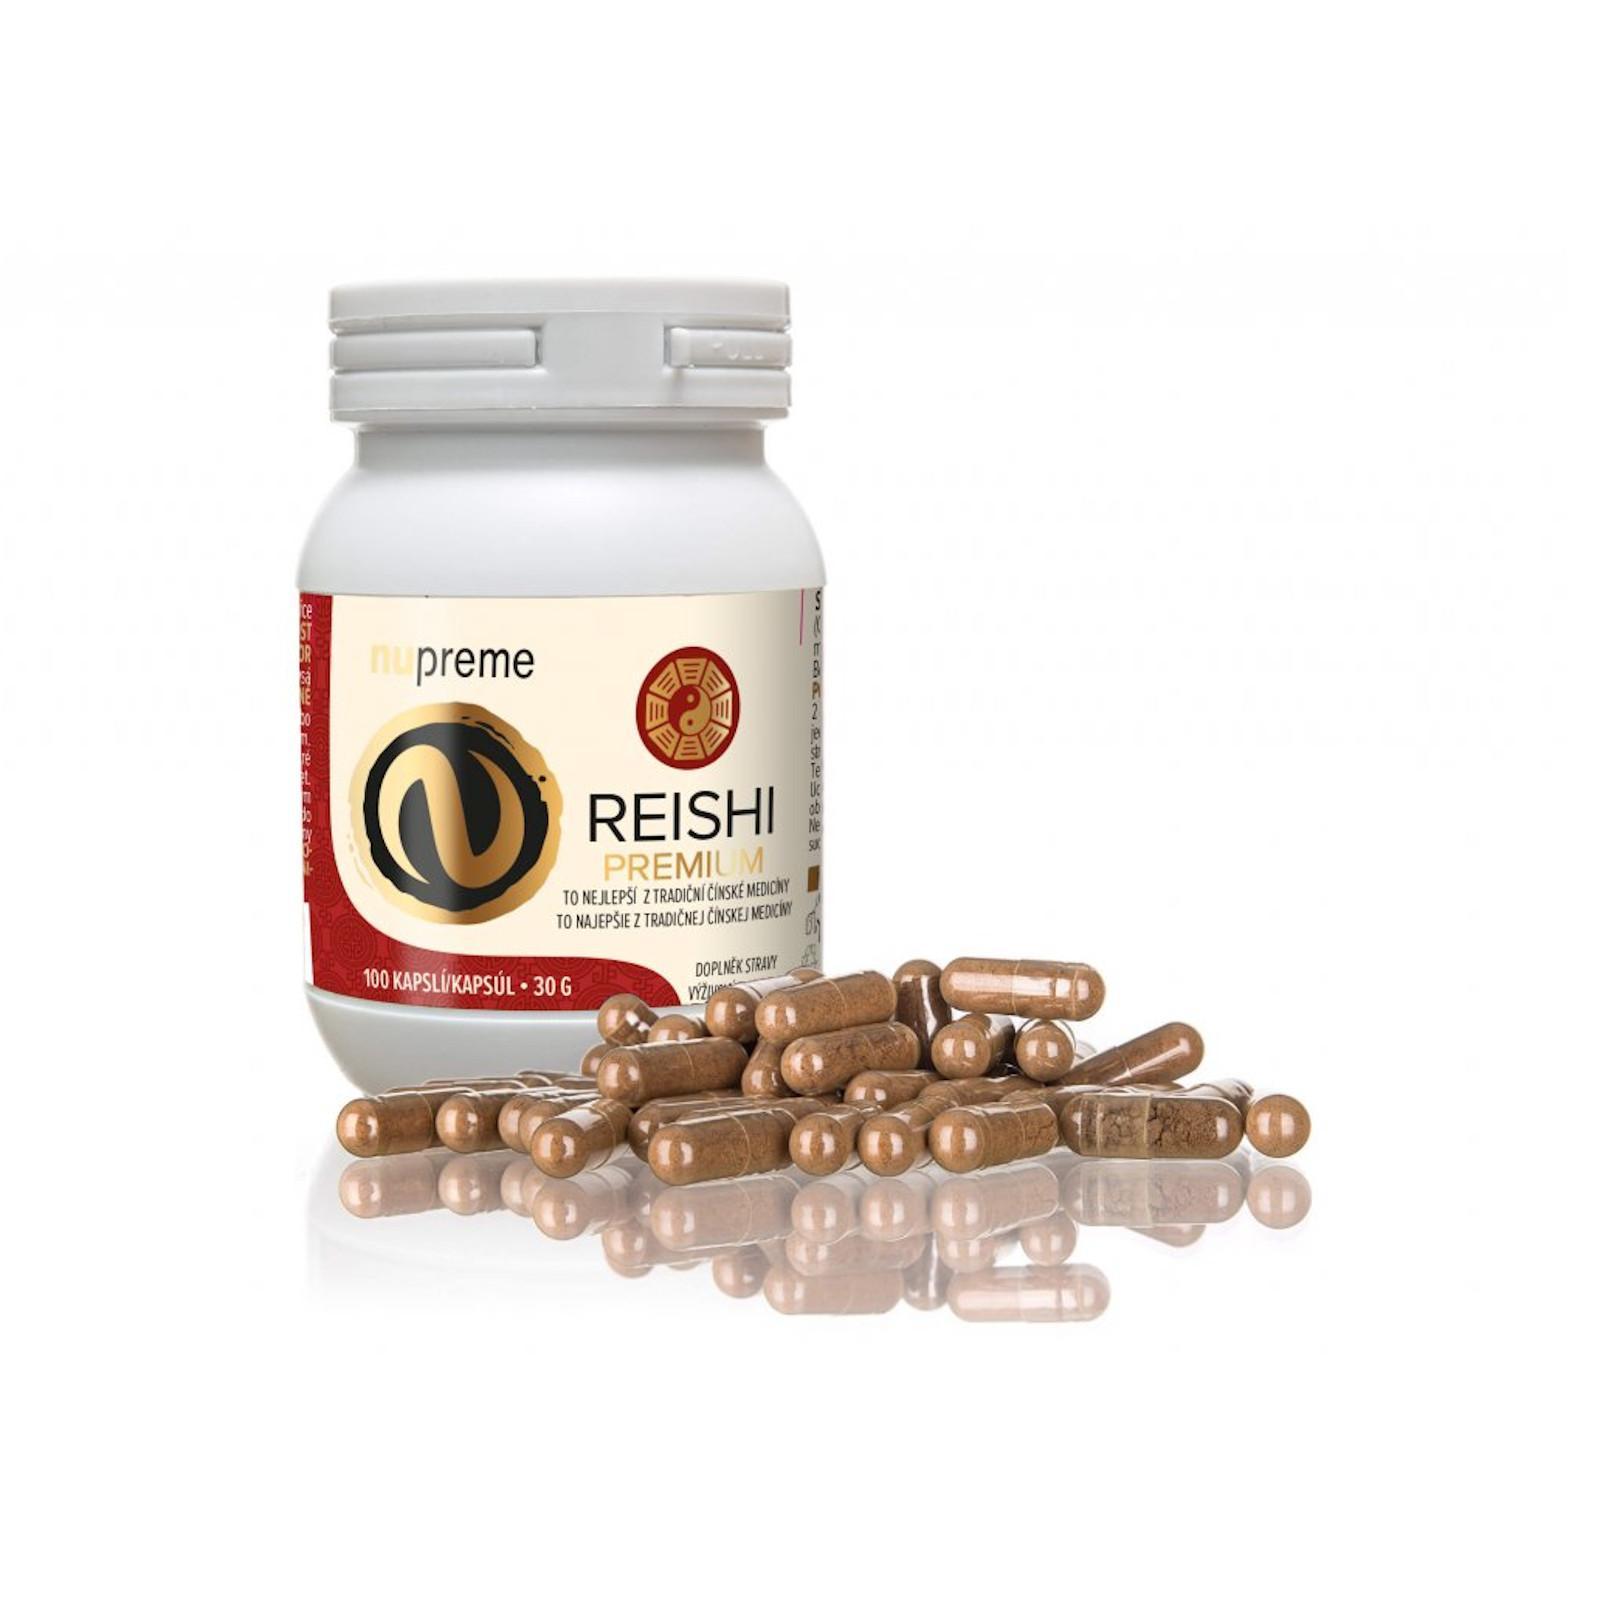 Nupreme Reishi premium extrakt, kapsle 100 ks, 30 g